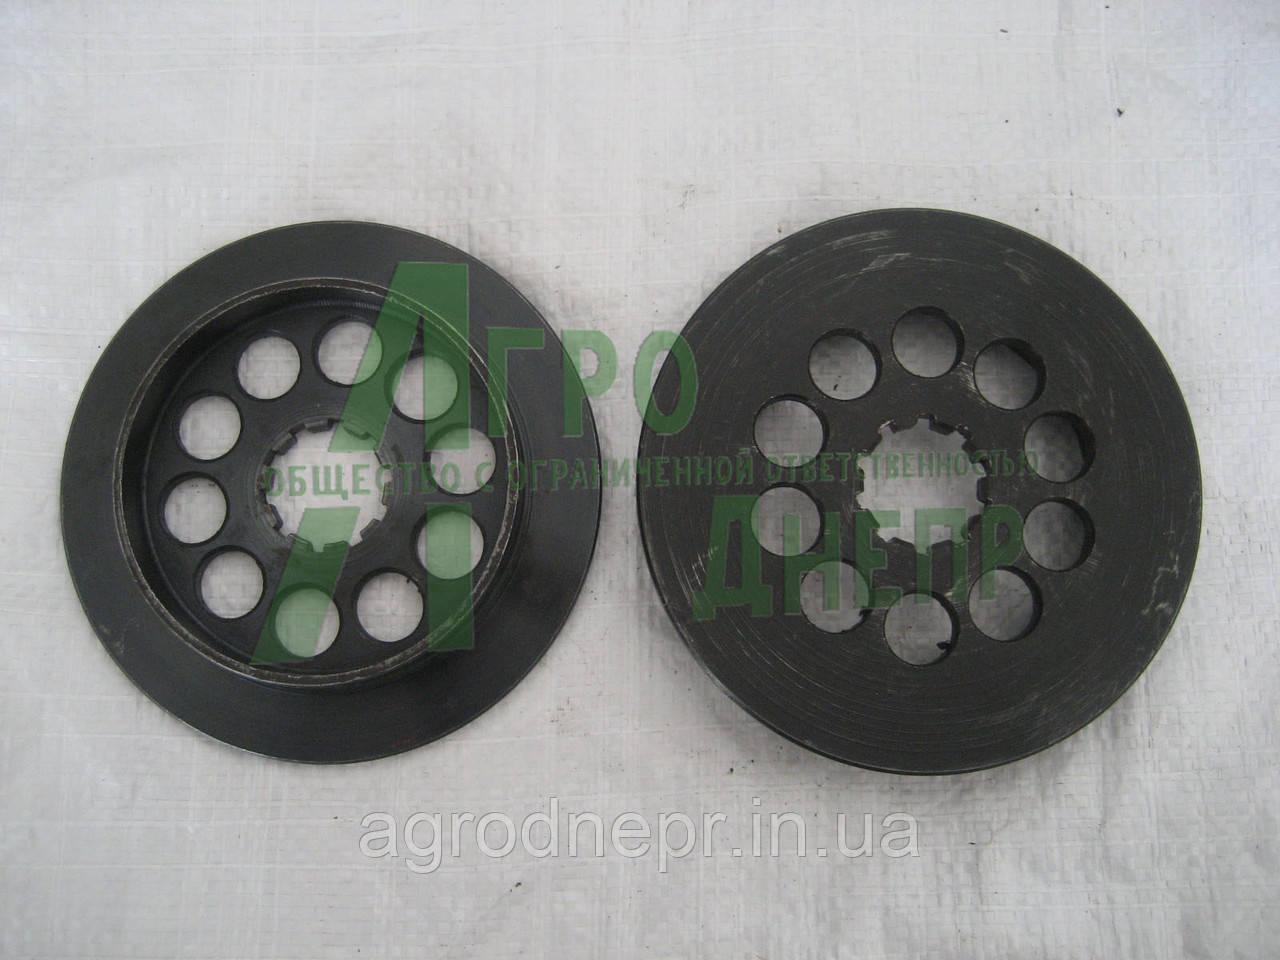 Диск сцепления упорный ПД-10 Д25-030